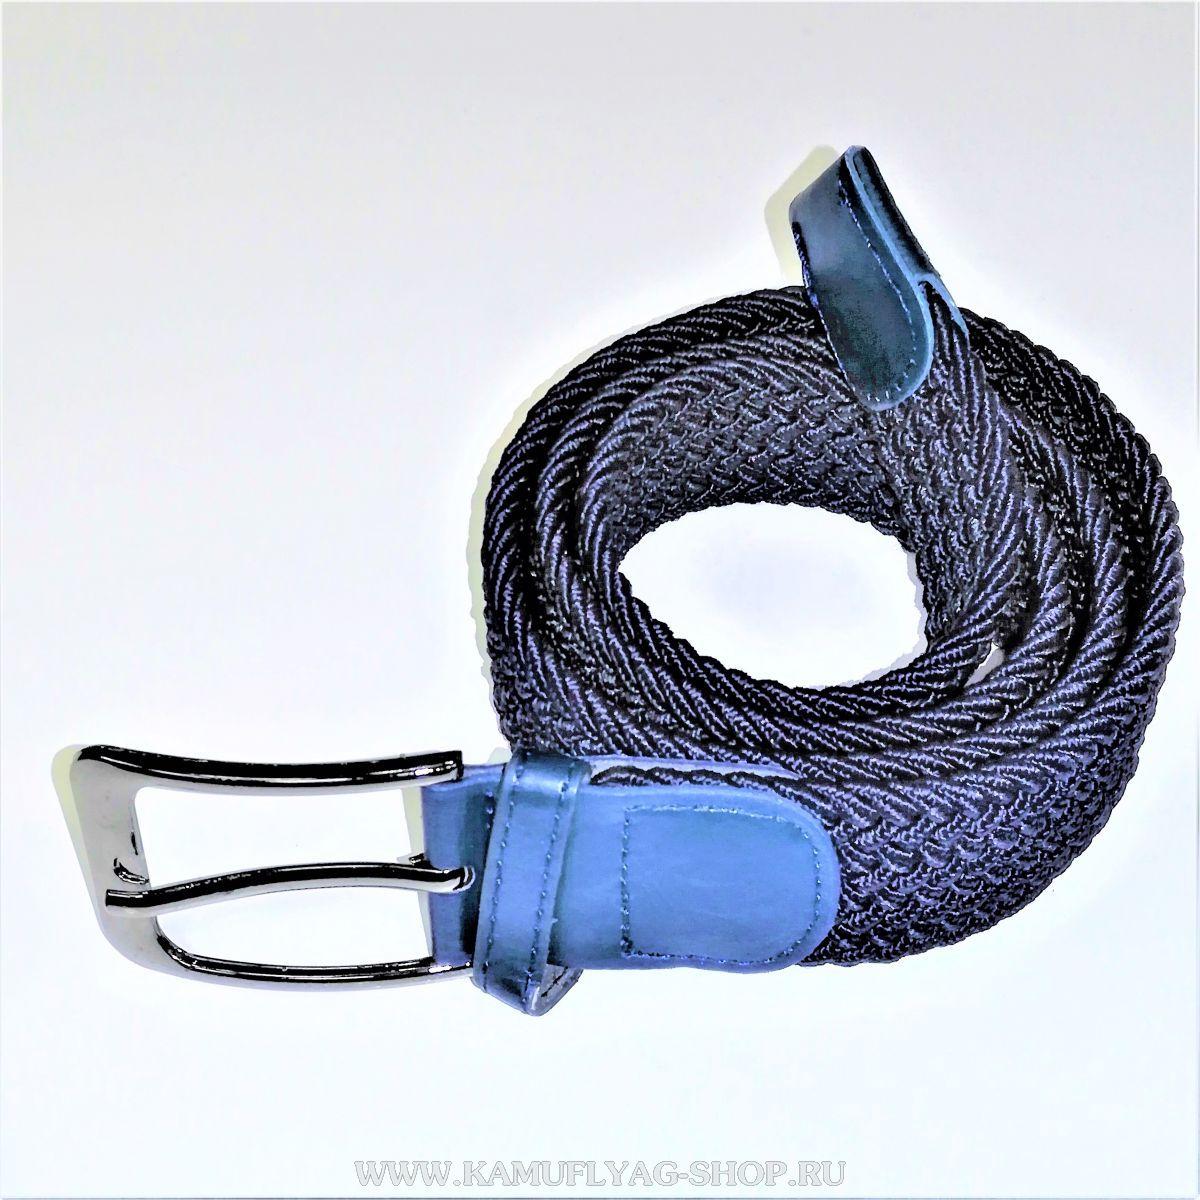 Ремень брючный плетеный тканевый, синий